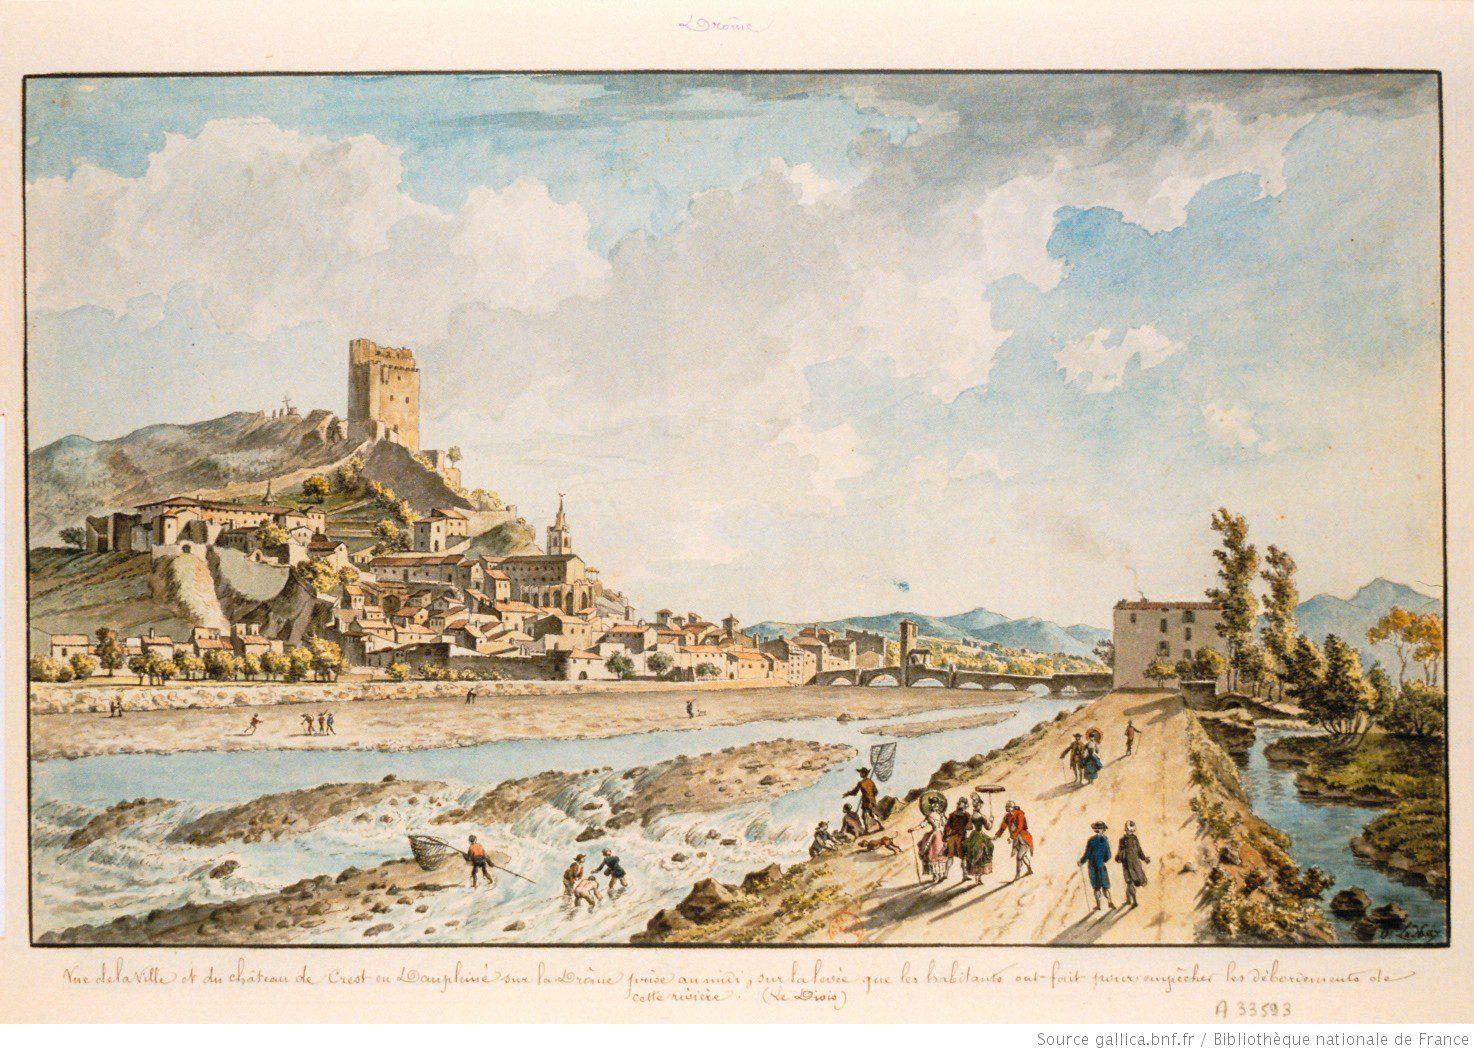 Tour de France, Drôme, archives, généalogie, Gallica